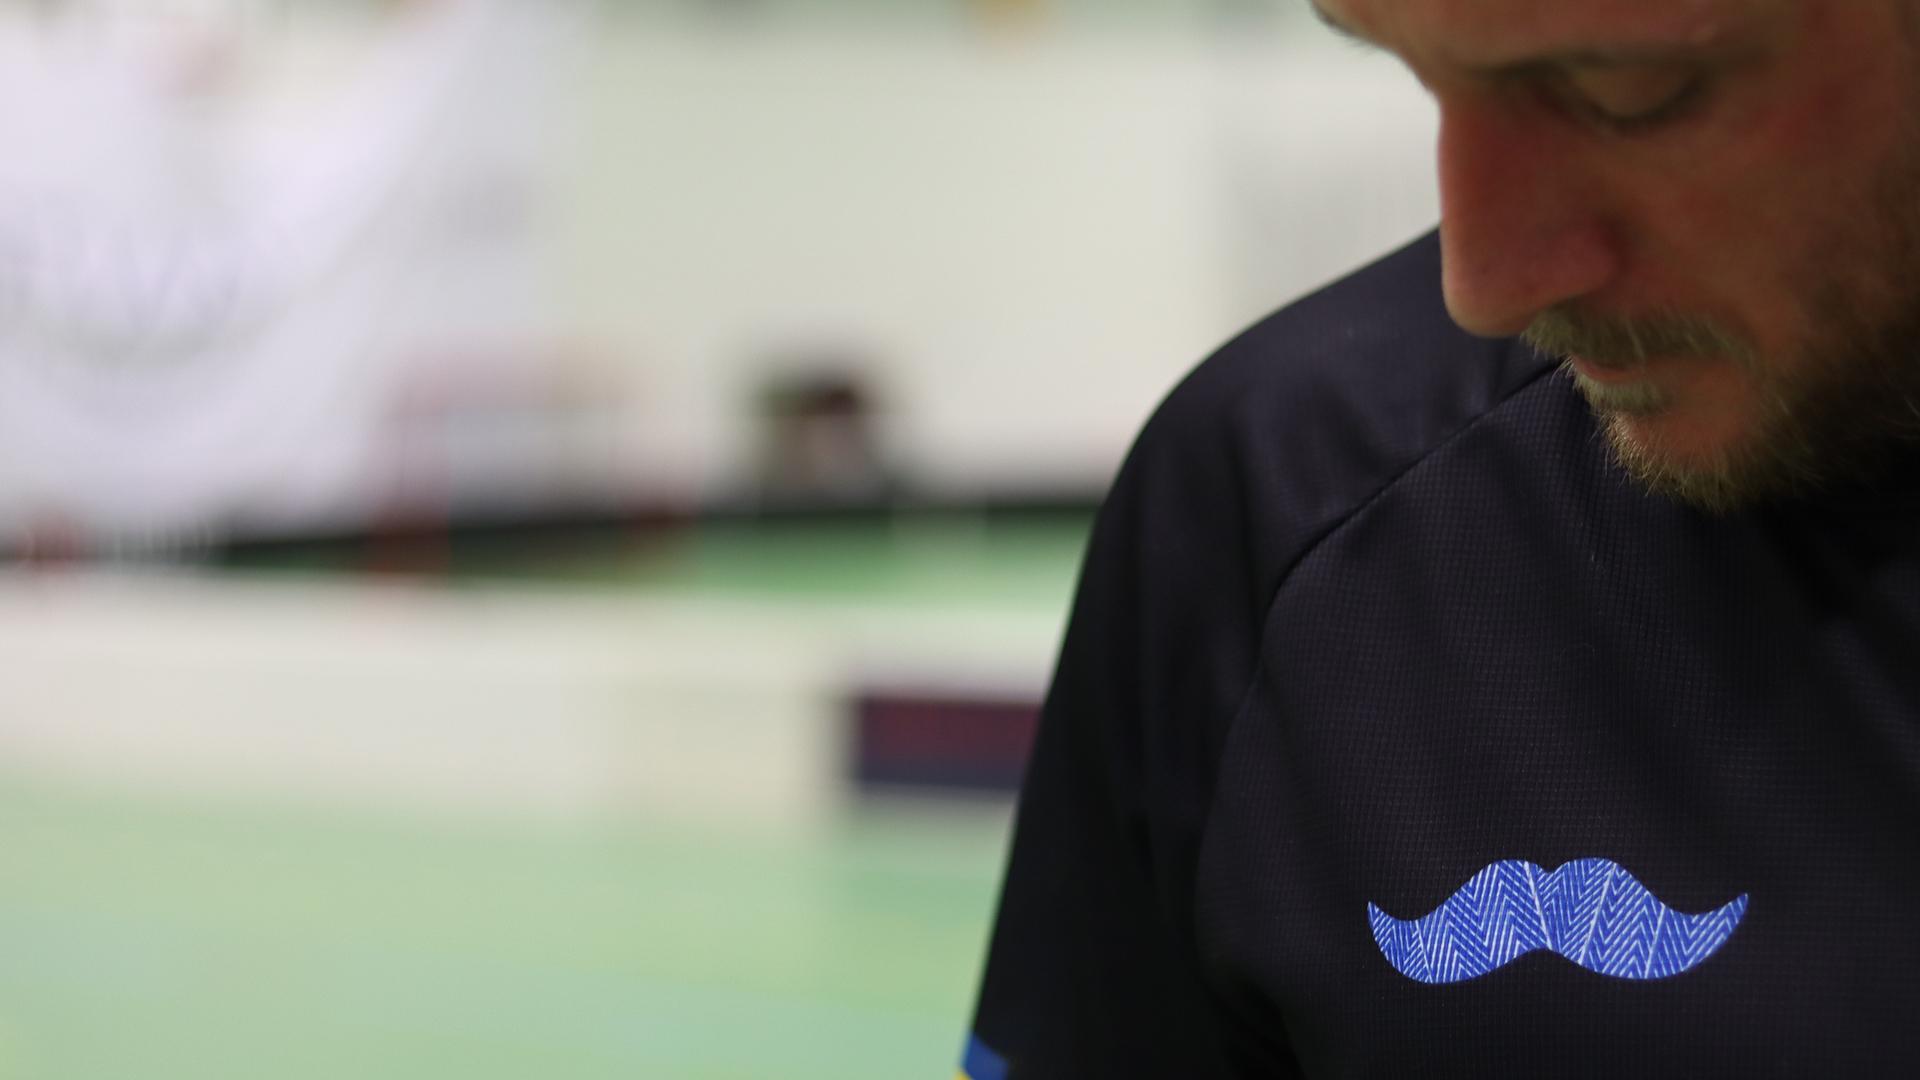 Innebandyspelare med en blå mustasch på tröjan